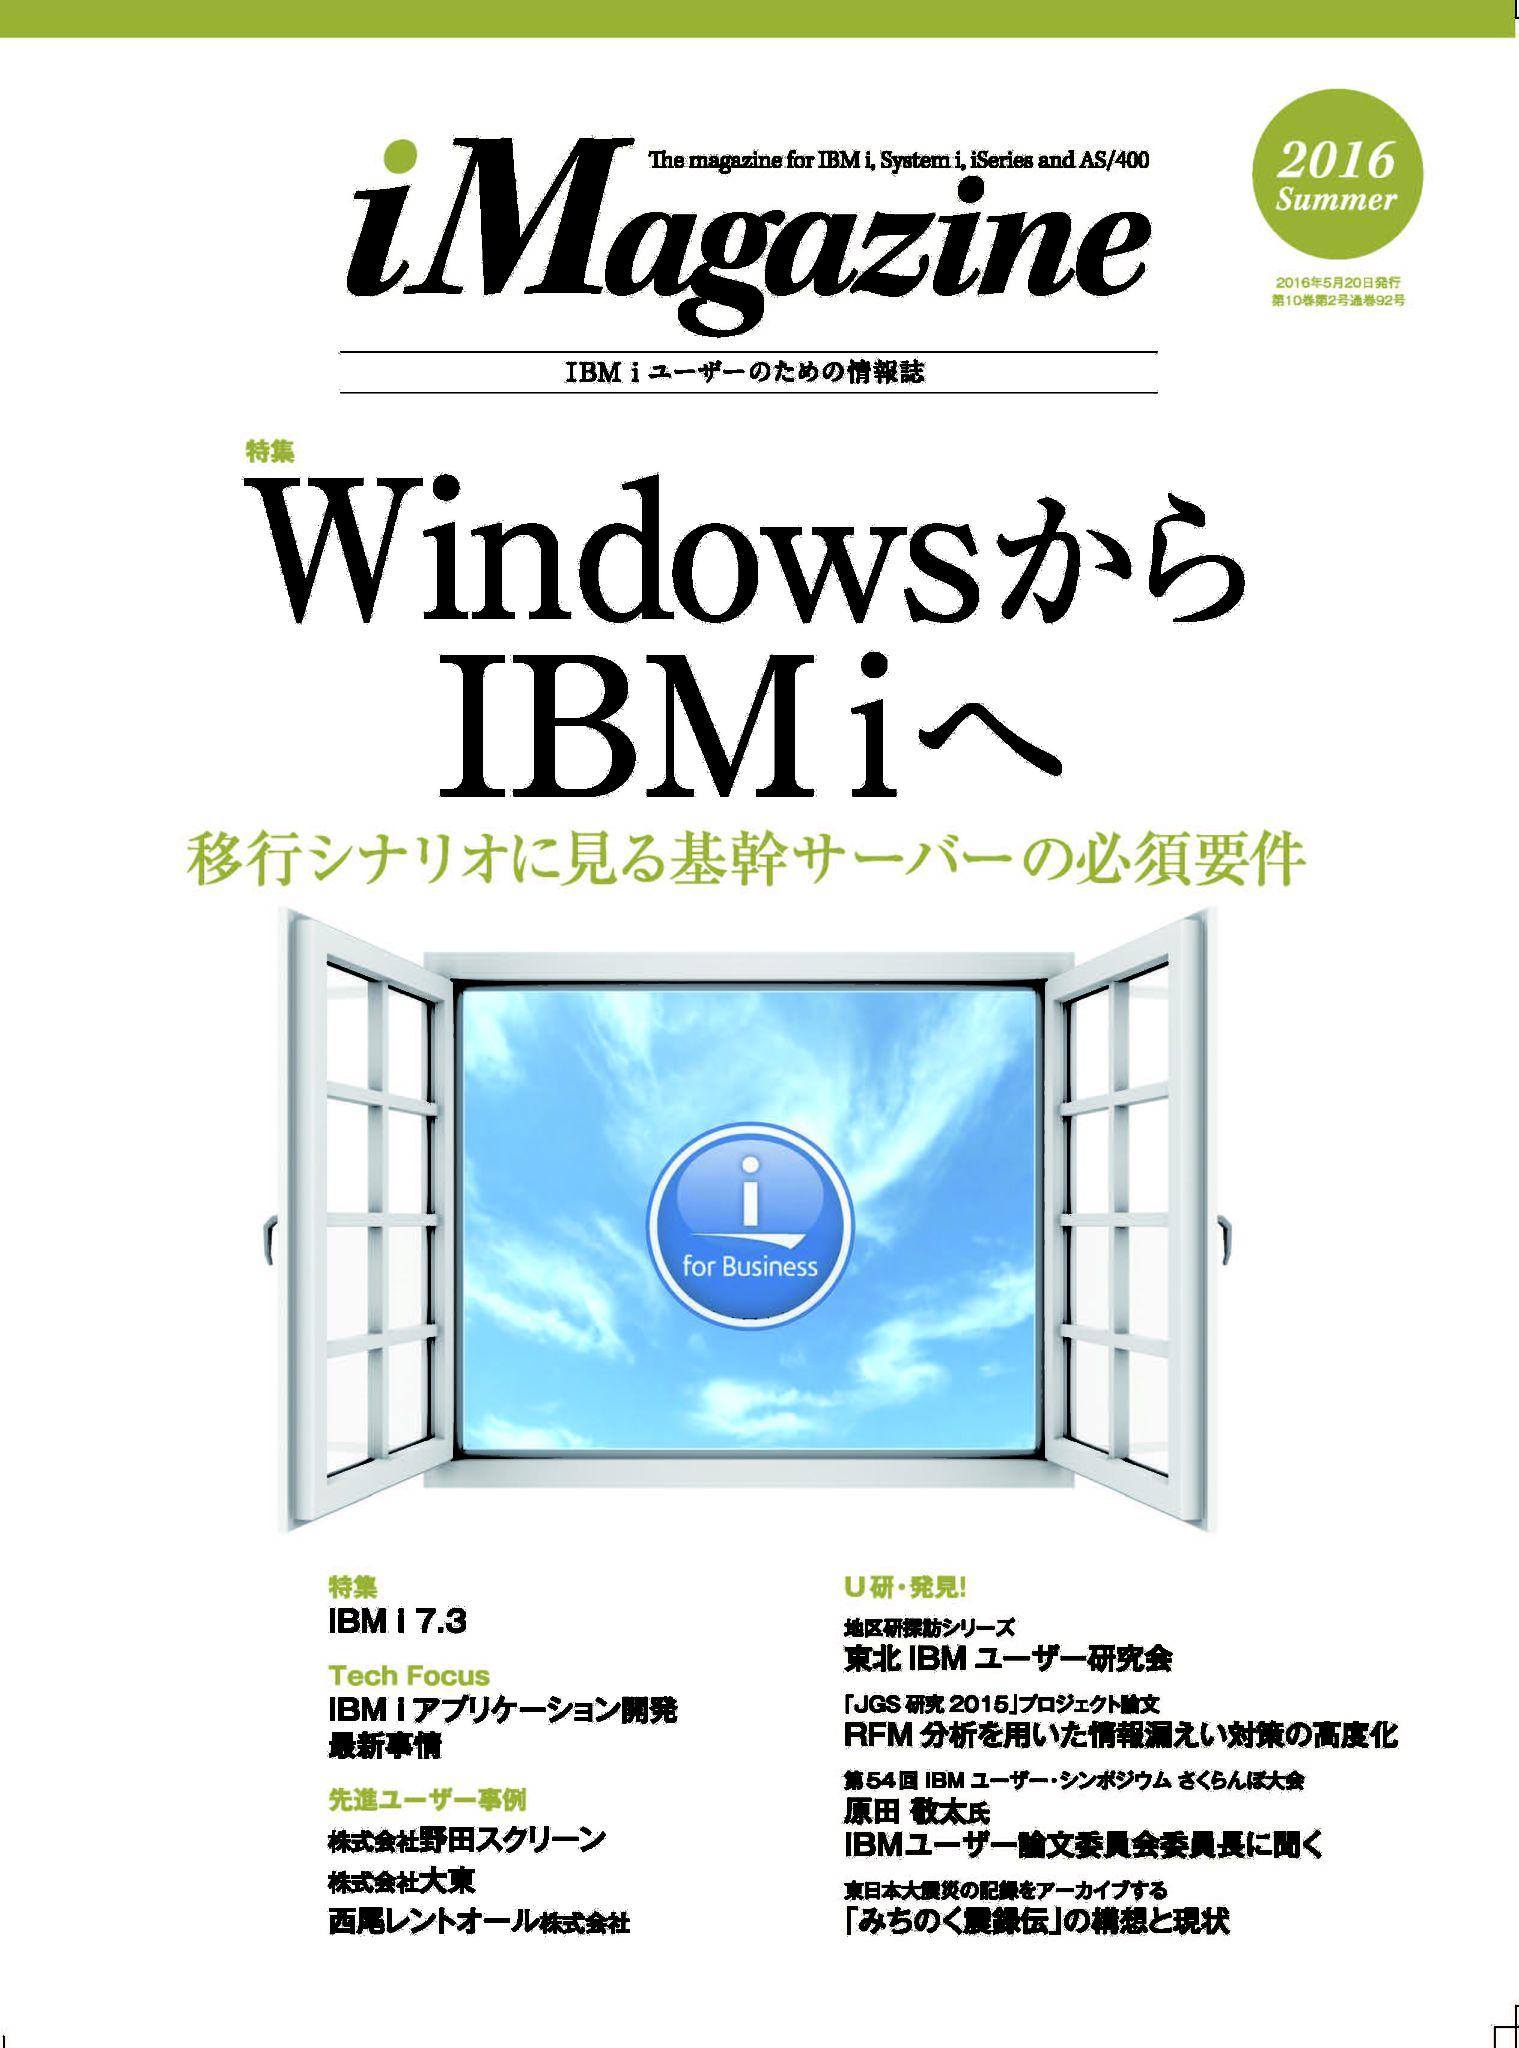 iMagazine i Magazine 2016 Summer (2016年5月)